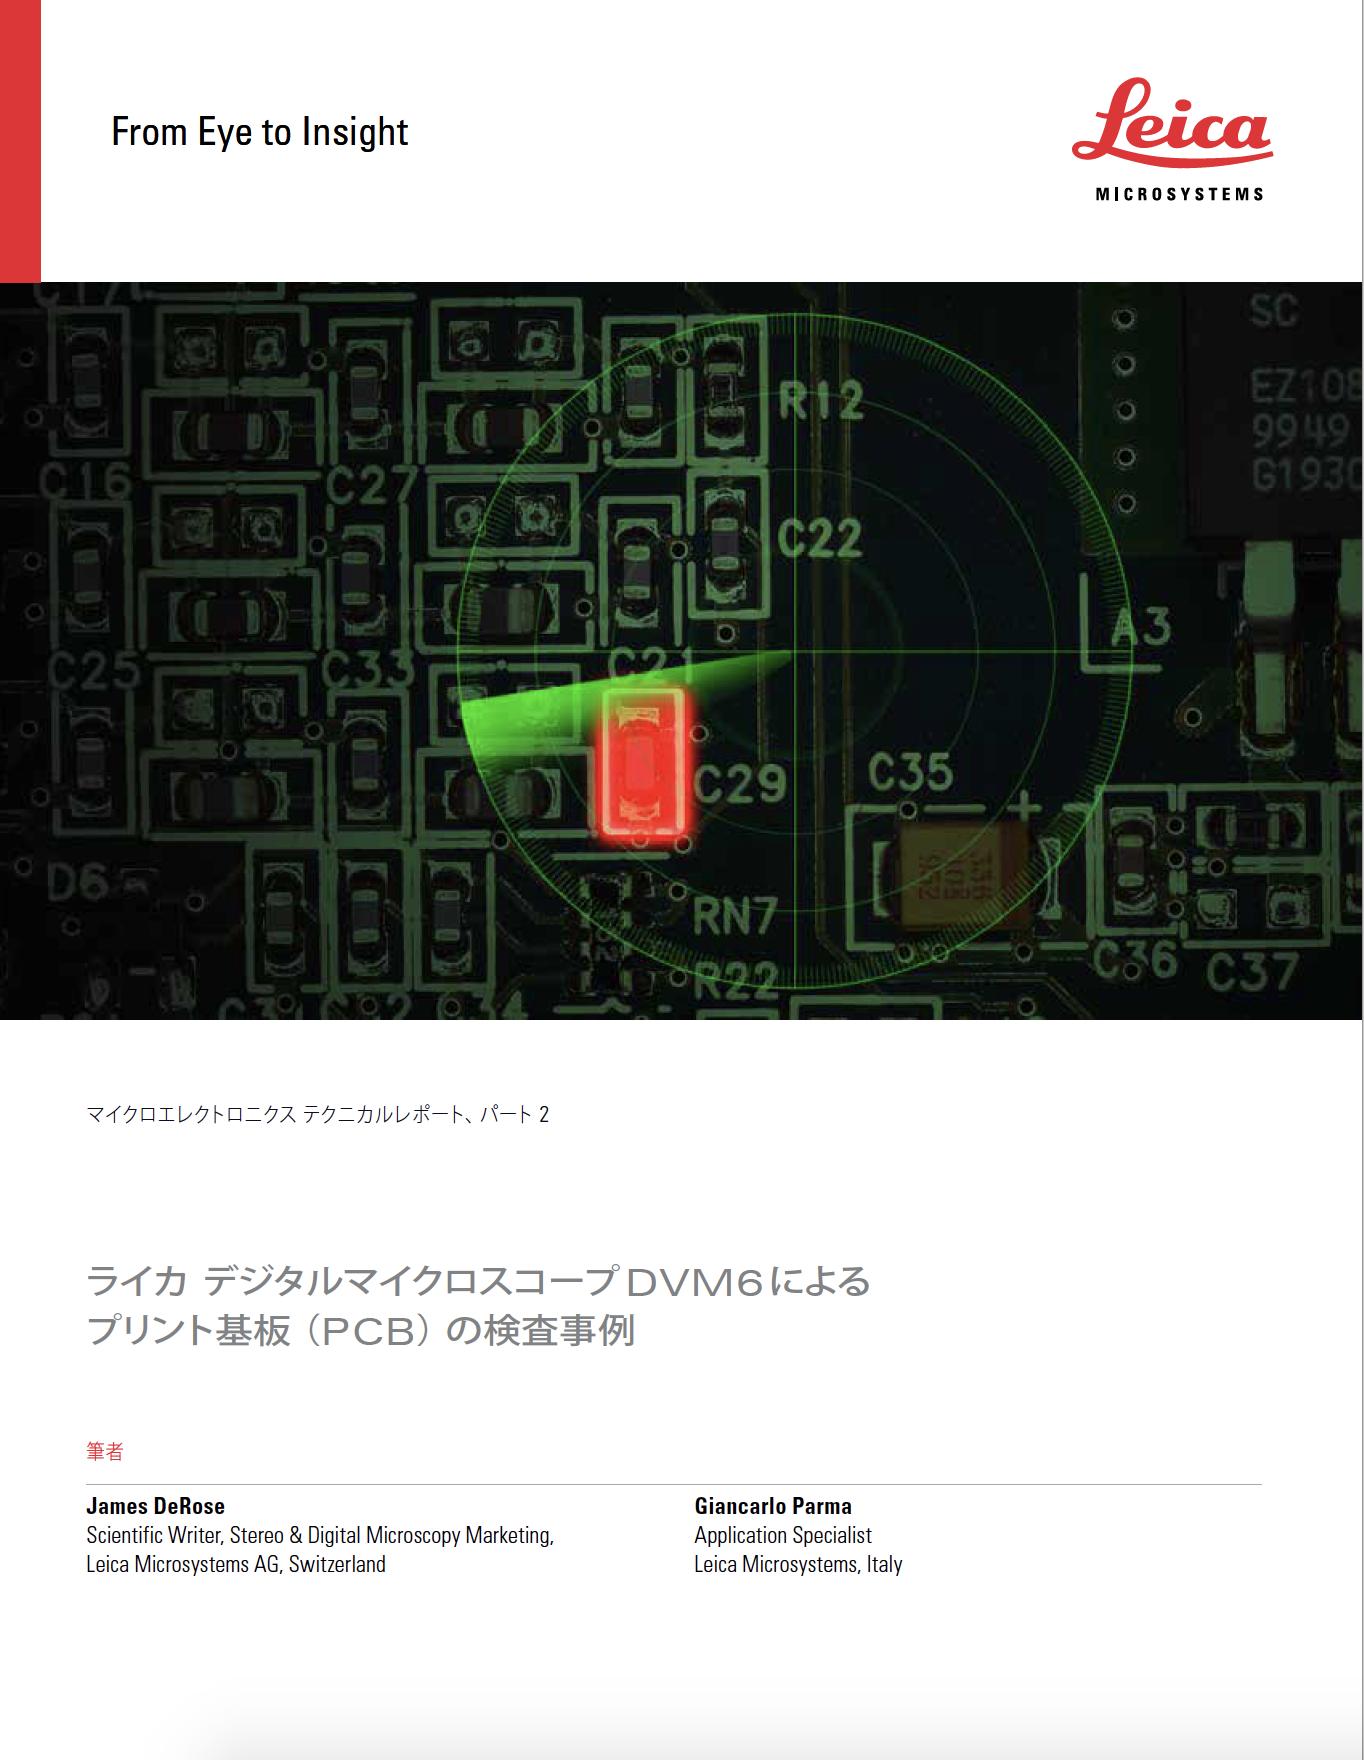 ダウンロード/デジタルマイクロスコープ Leica DVM6 PCB 検査 観察事例カタログ